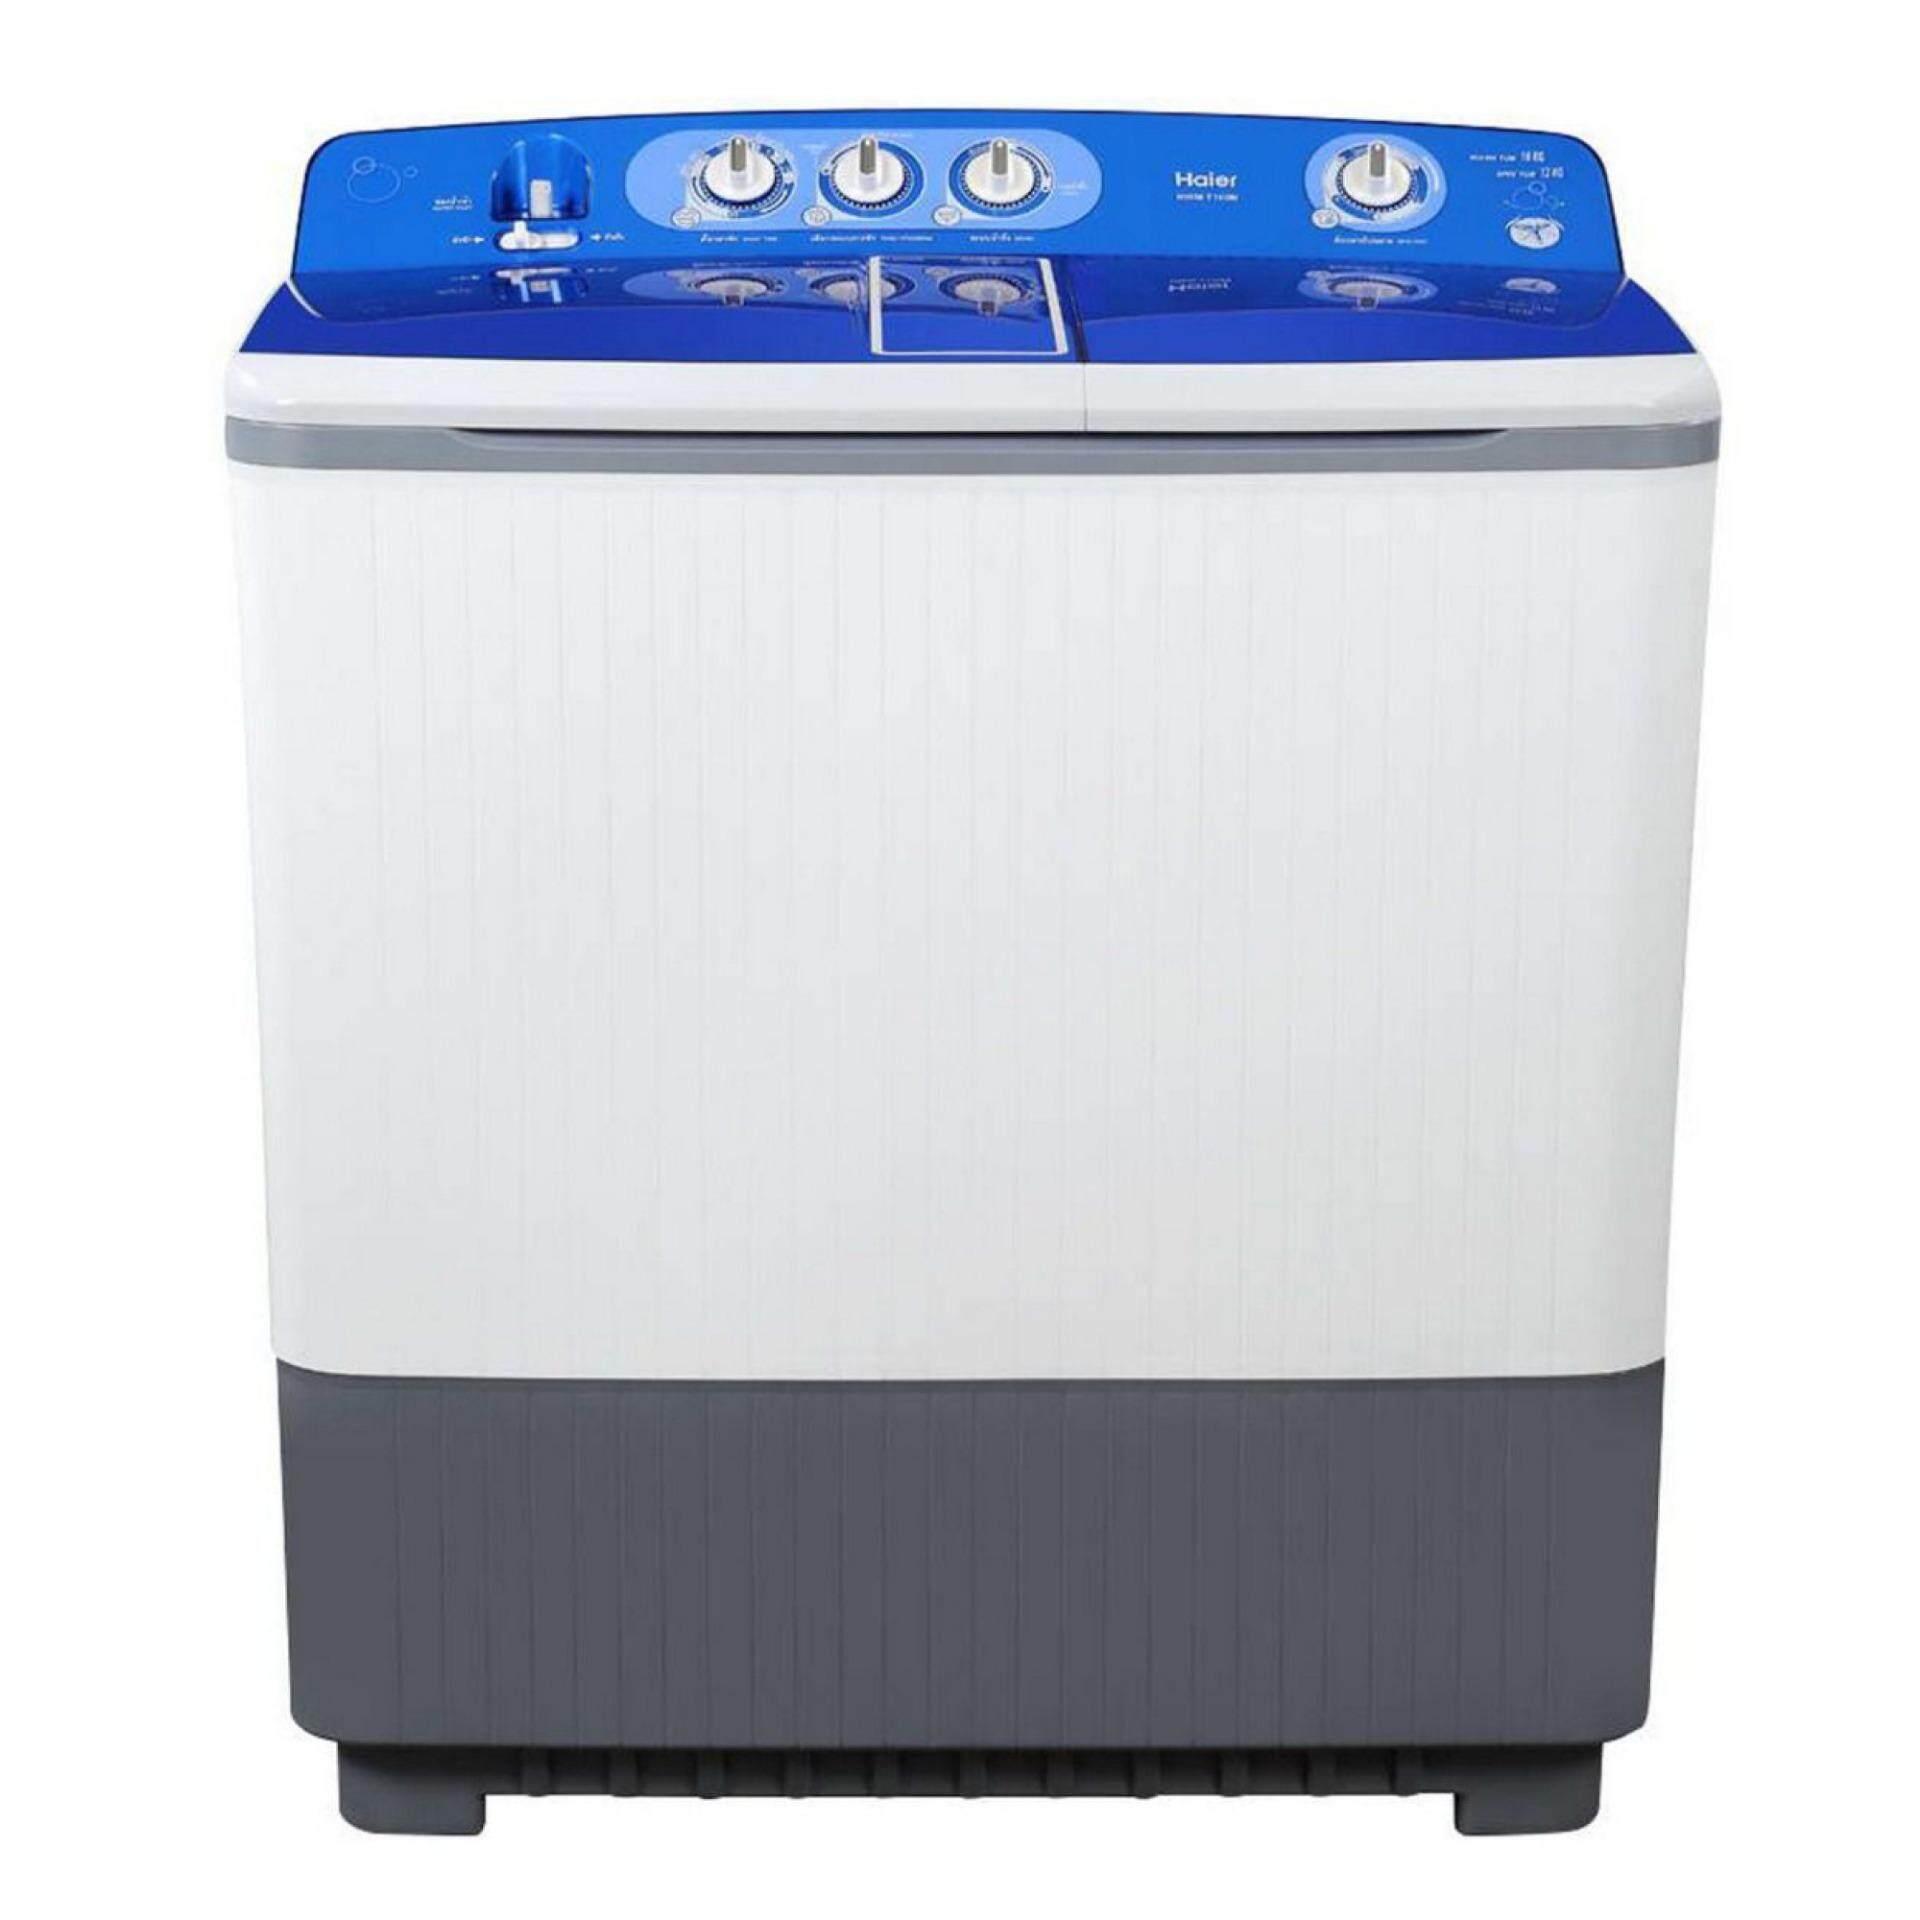 รีวิว เครื่องซักผ้า Sharp Sale -60% ULTRASONIC WASHER รุ่น UW-A1T.S  เครื่องซักผ้ามือถือ นวัตกรรมใหม่ ต้องลอง มีประกินสินค้า